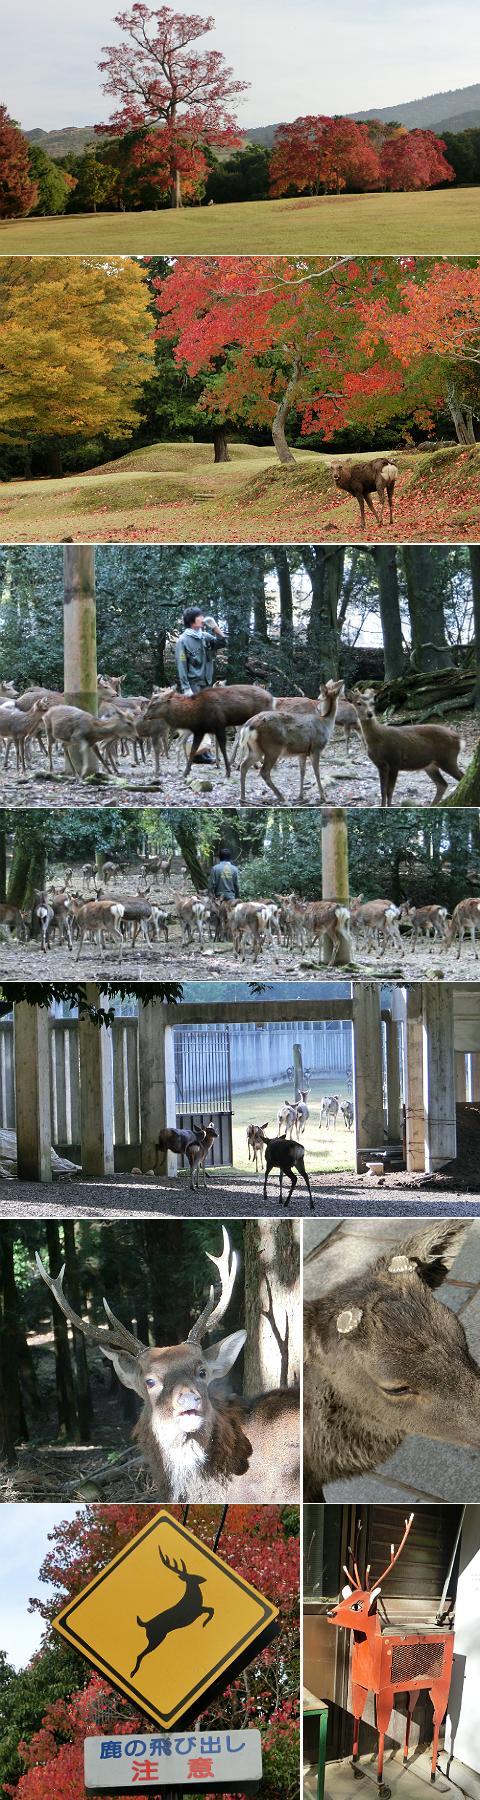 奈良公園周辺 飛火野〜